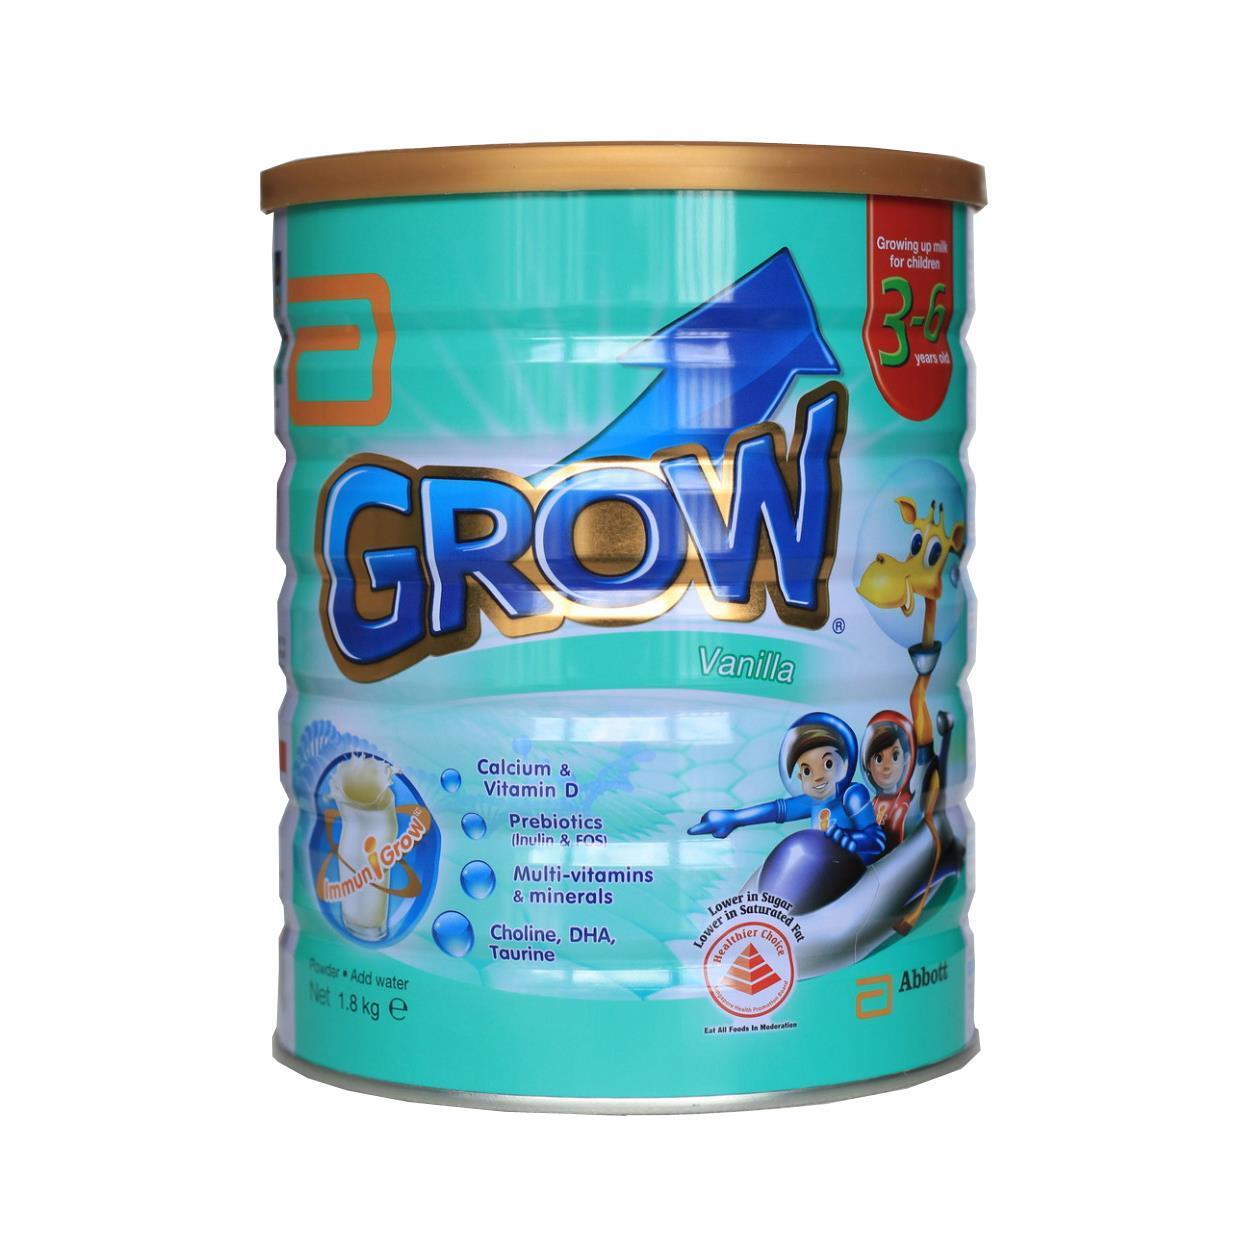 Grow Singapore thuộc dòng sữa ngoại nguyên lon từ Singapore của Abbott